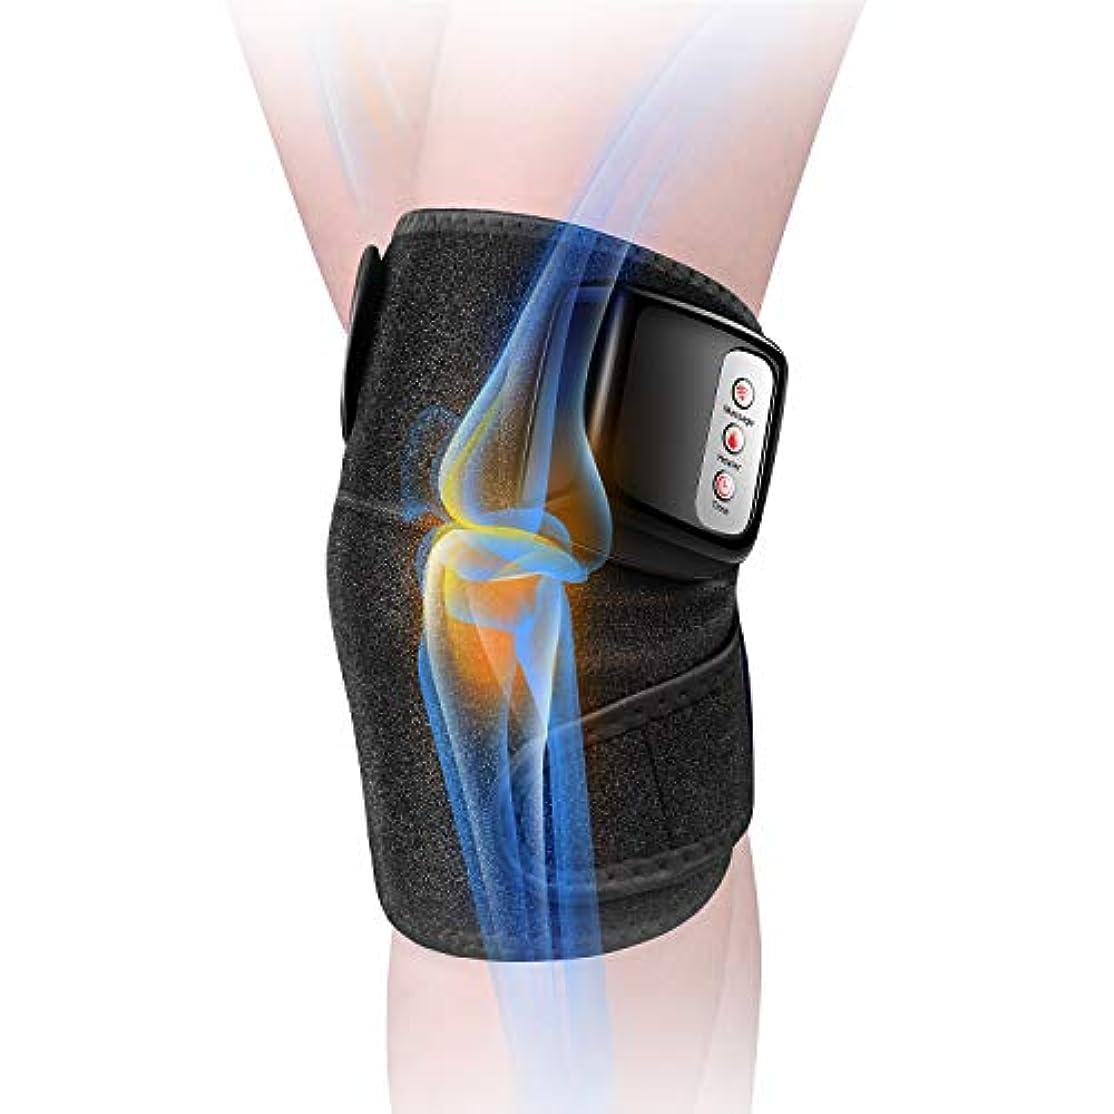 構造的ワーディアンケースパウダー膝マッサージャー 関節マッサージャー マッサージ器 フットマッサージャー 振動 赤外線療法 温熱療法 膝サポーター ストレス解消 肩 太もも/腕対応